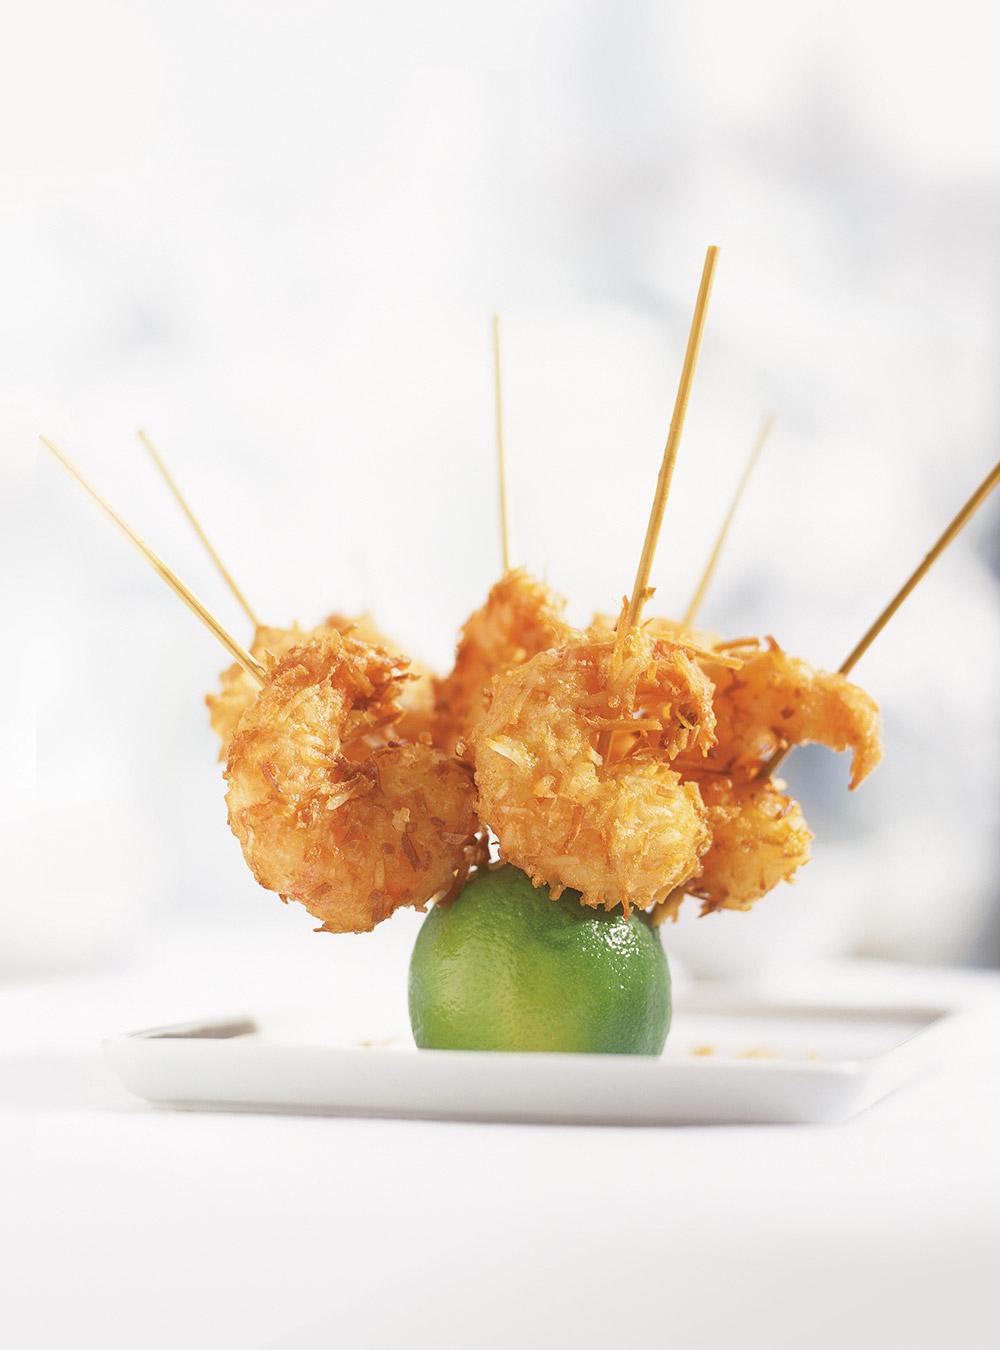 Crevettes à la noix de coco | ricardo